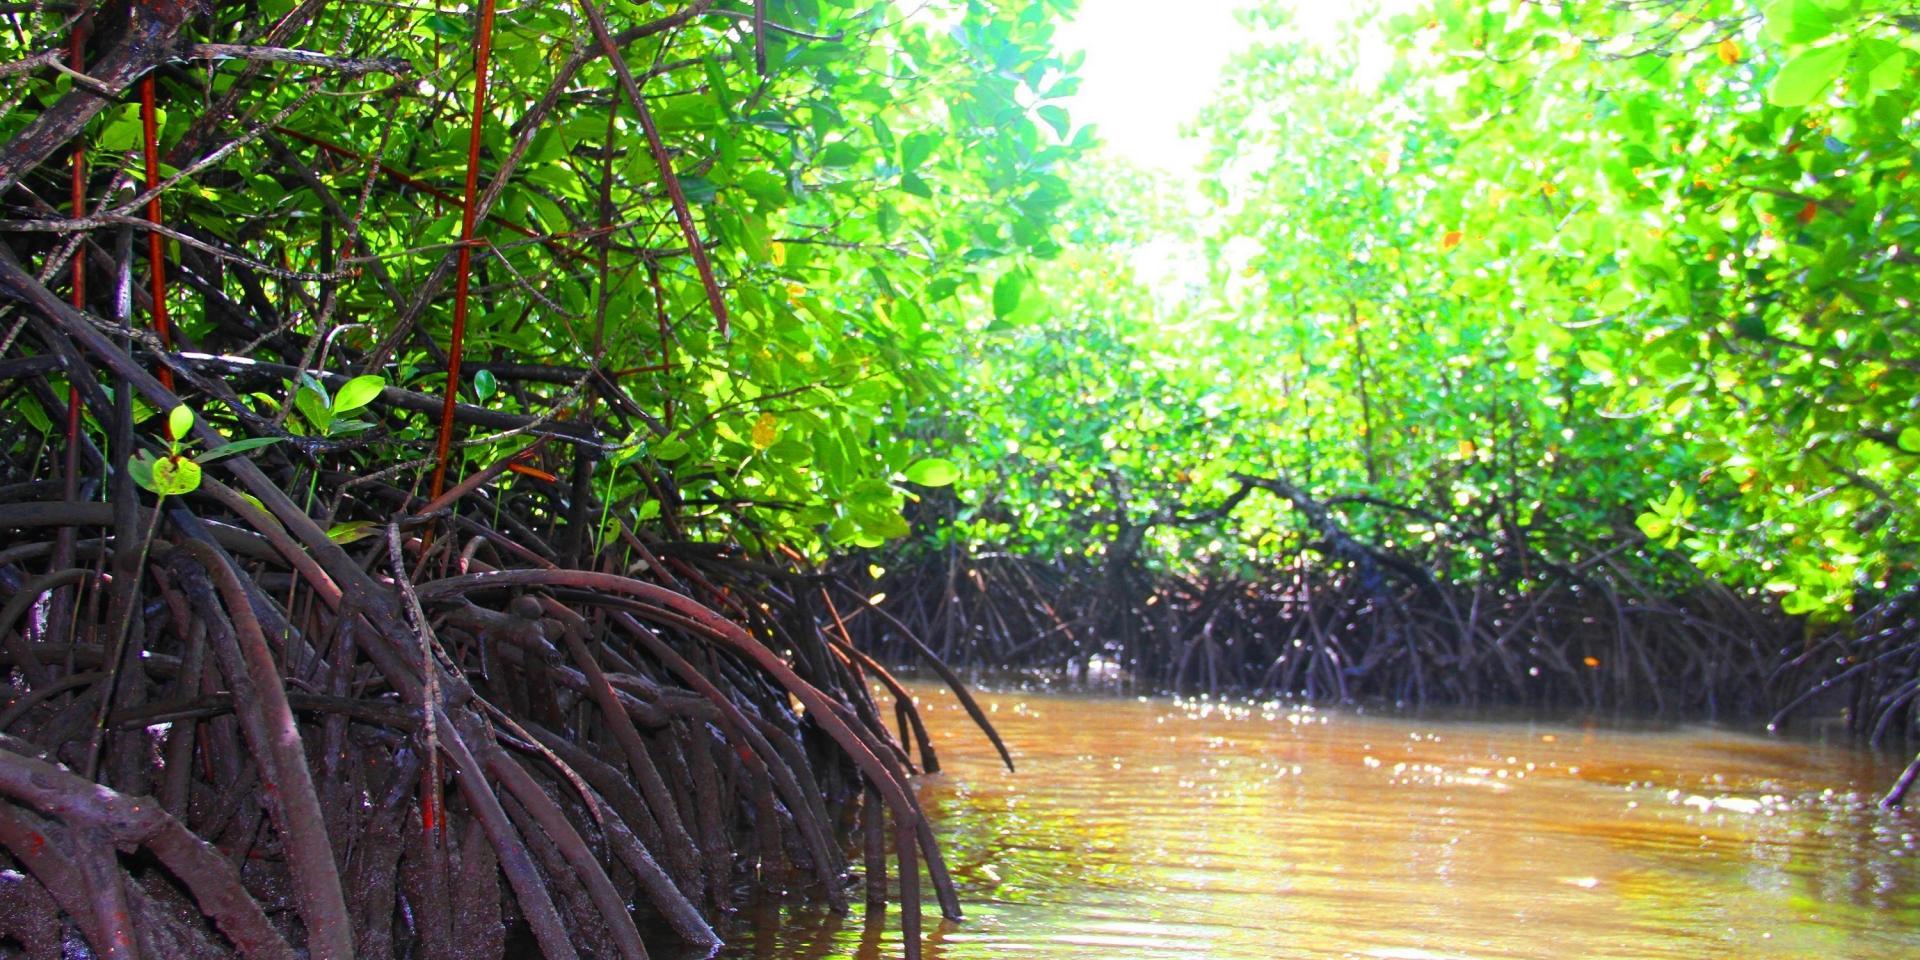 Sainte marie mangrove